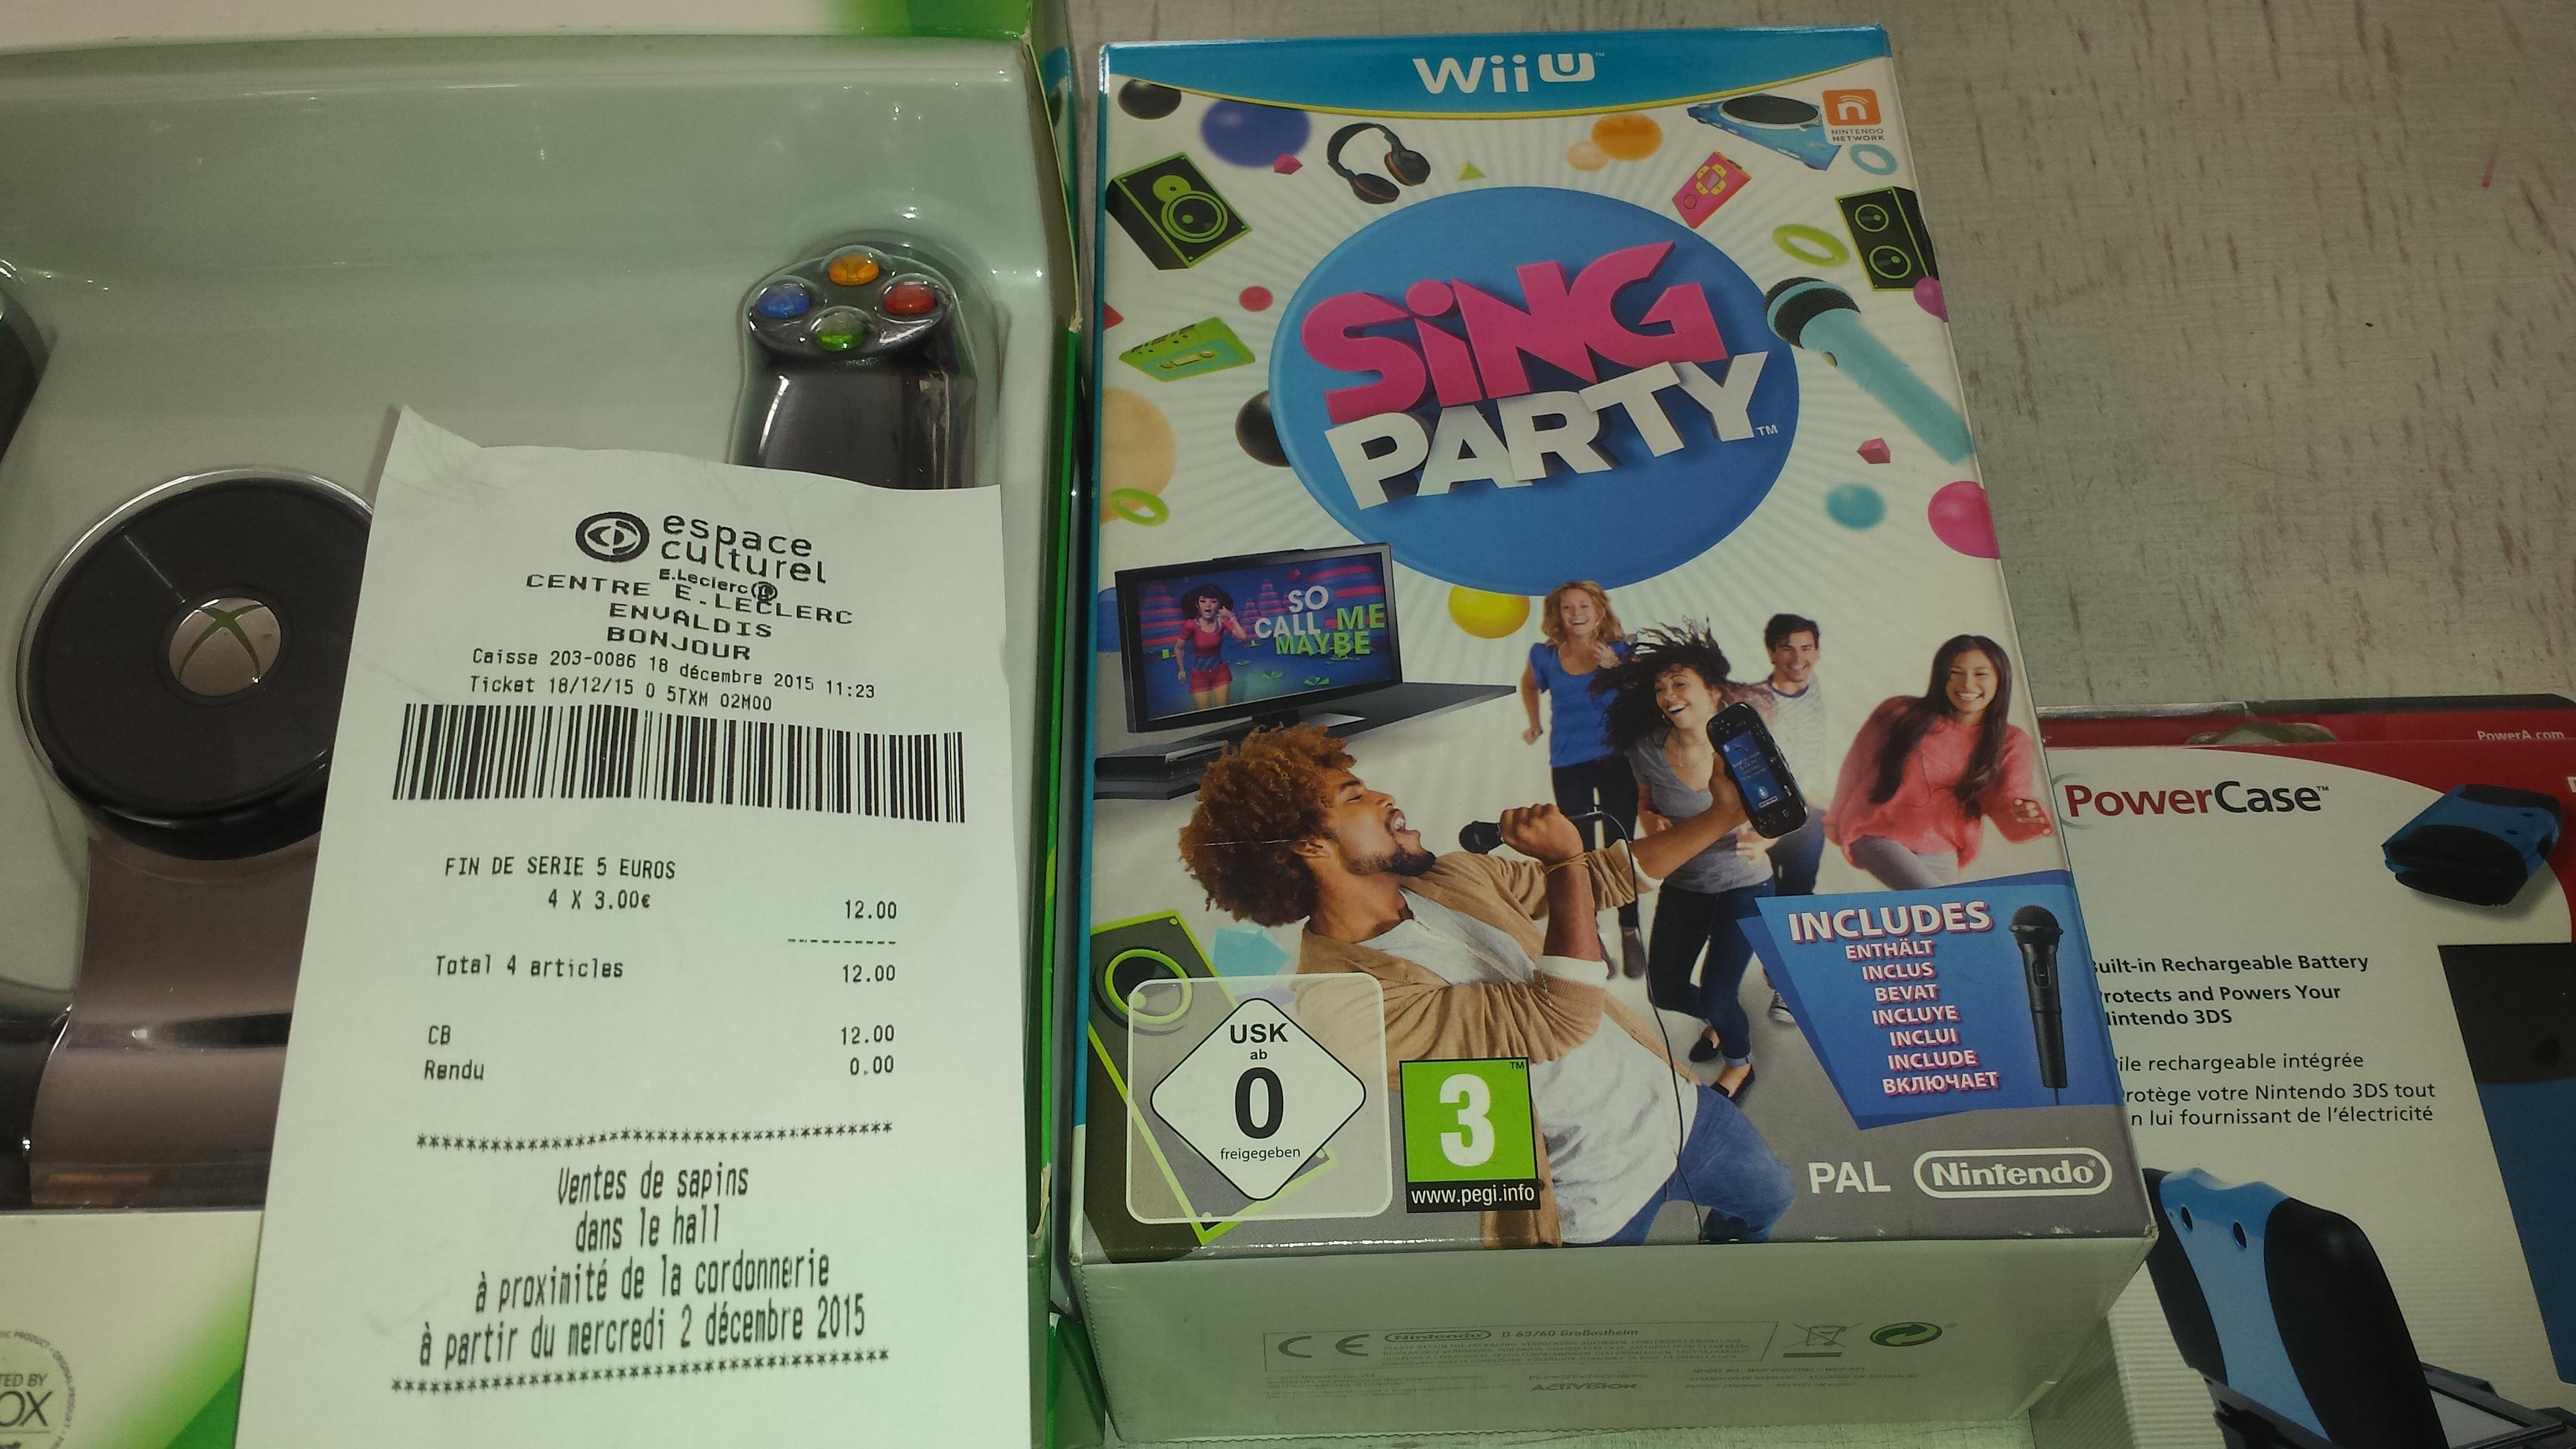 Jeu Sing Party sur Wii U - avec micro